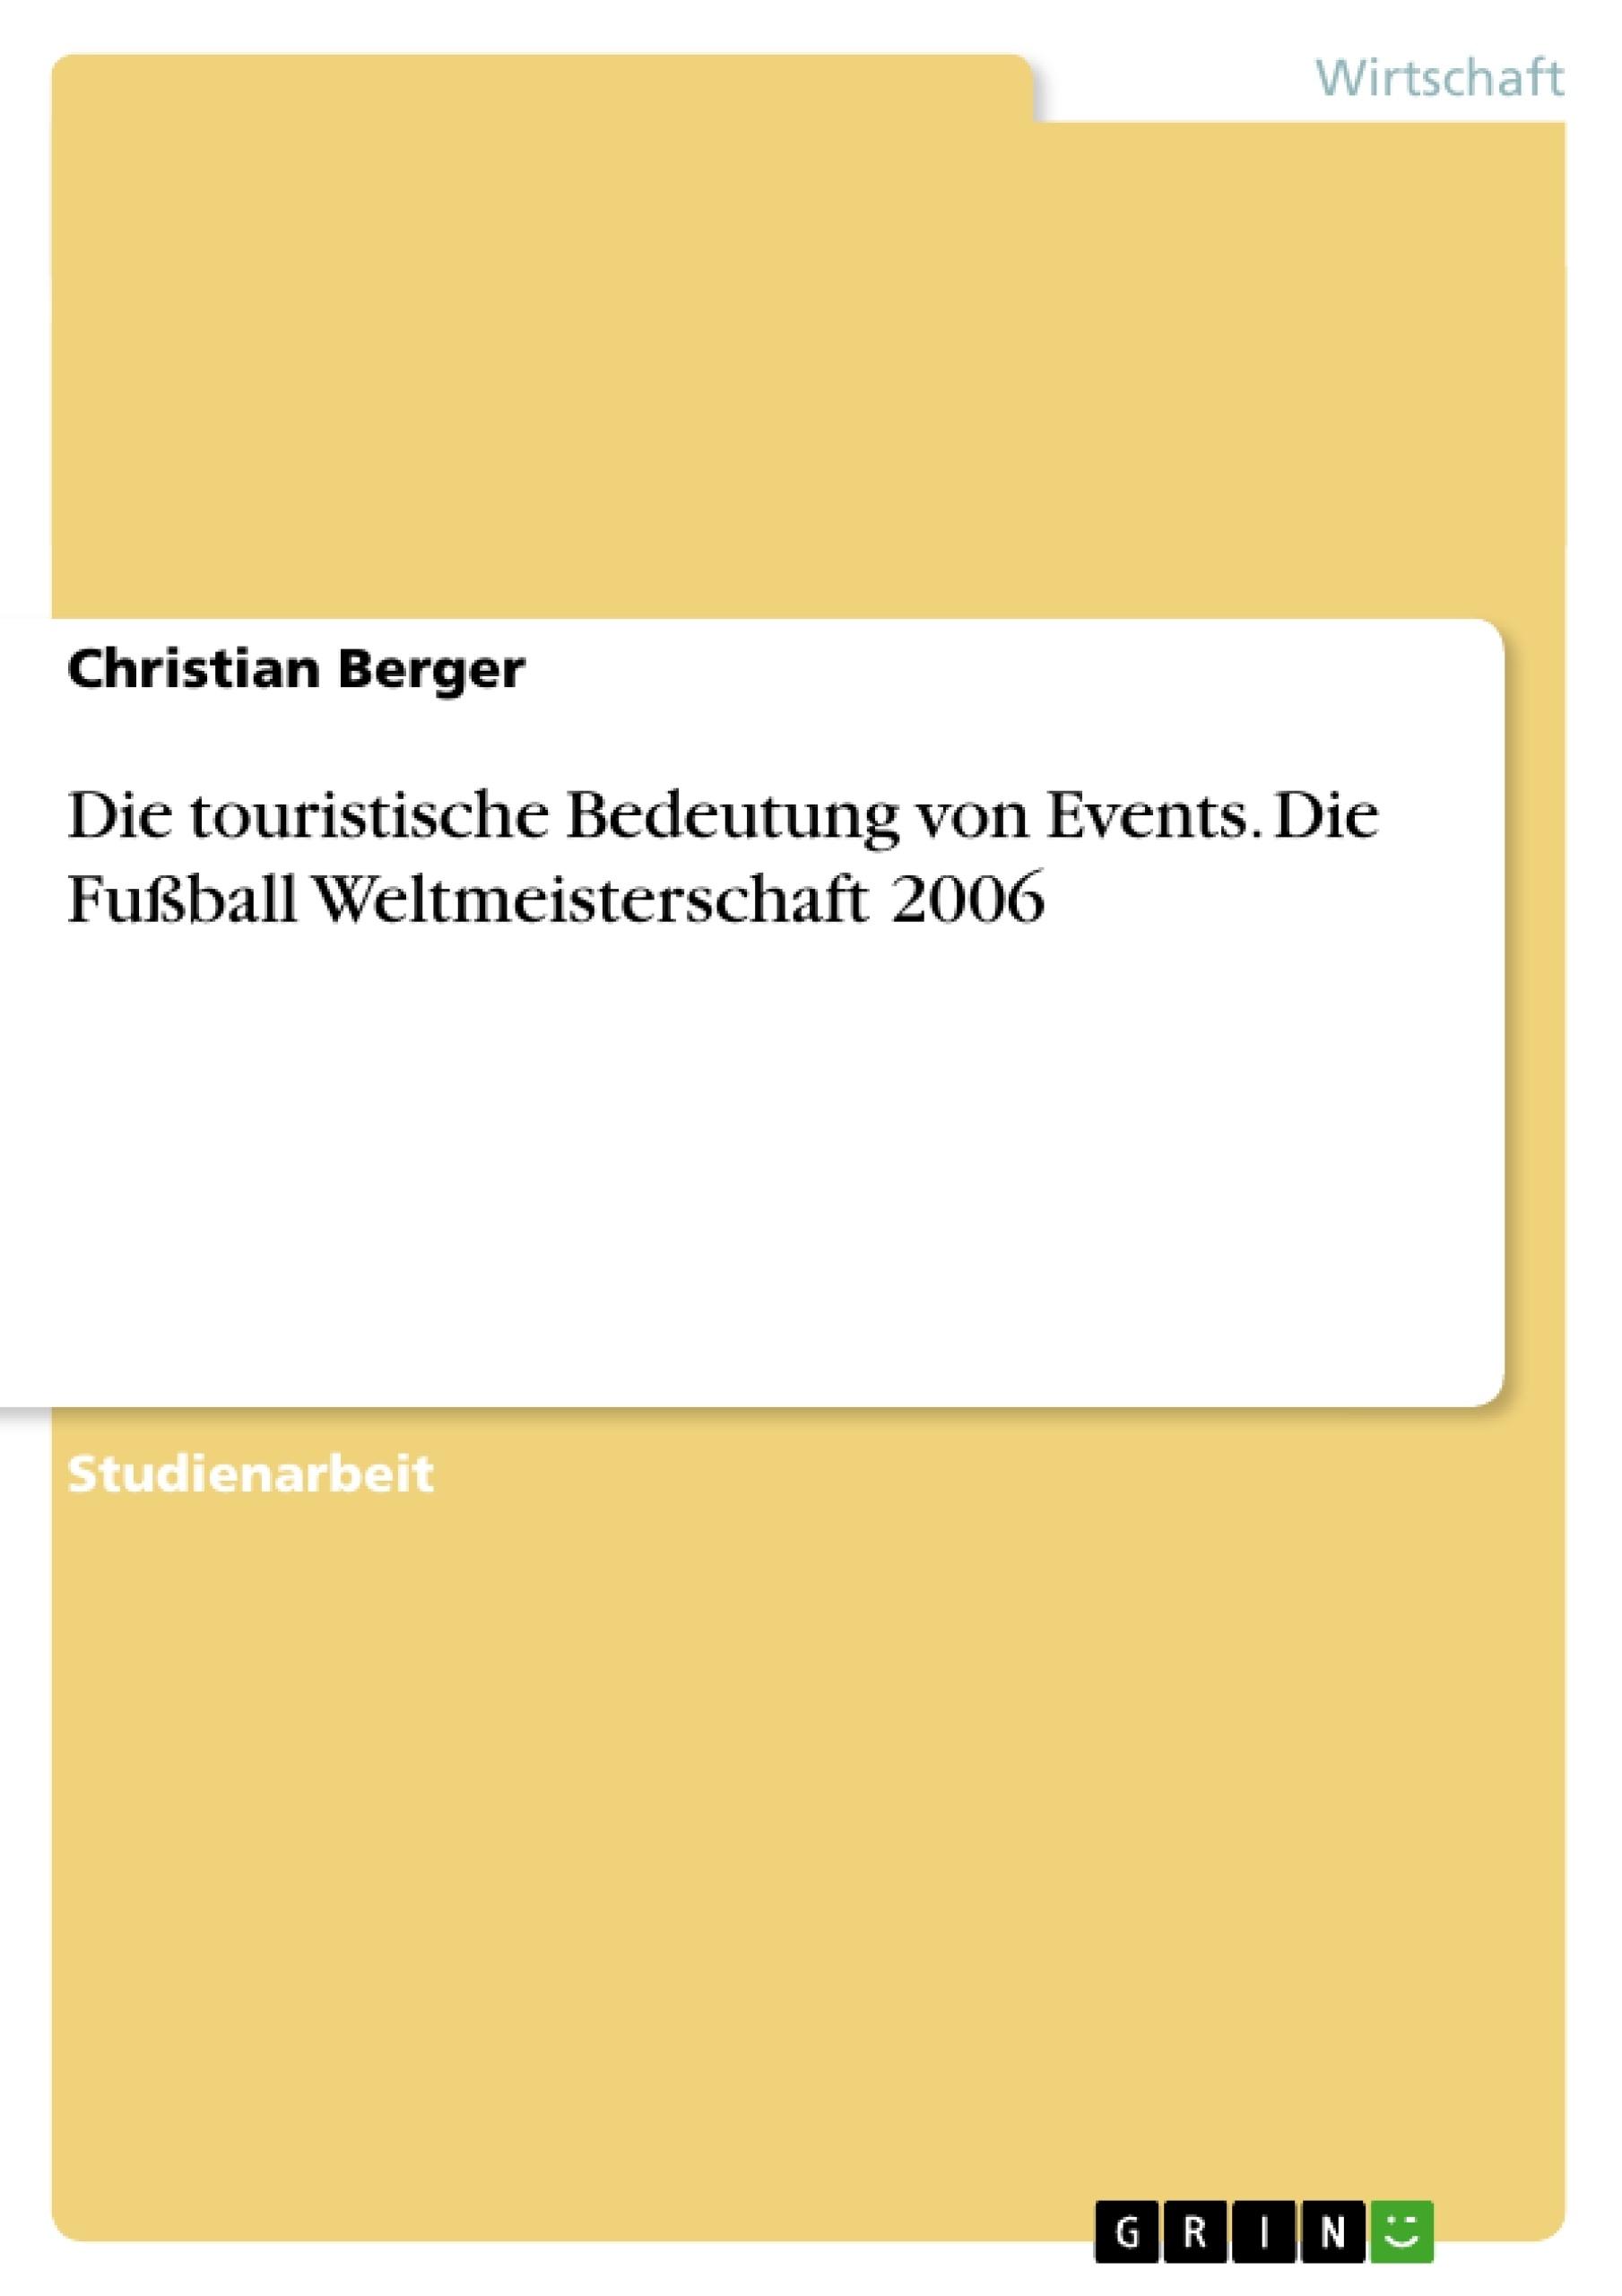 Titel: Die touristische Bedeutung von Events. Die Fußball Weltmeisterschaft 2006